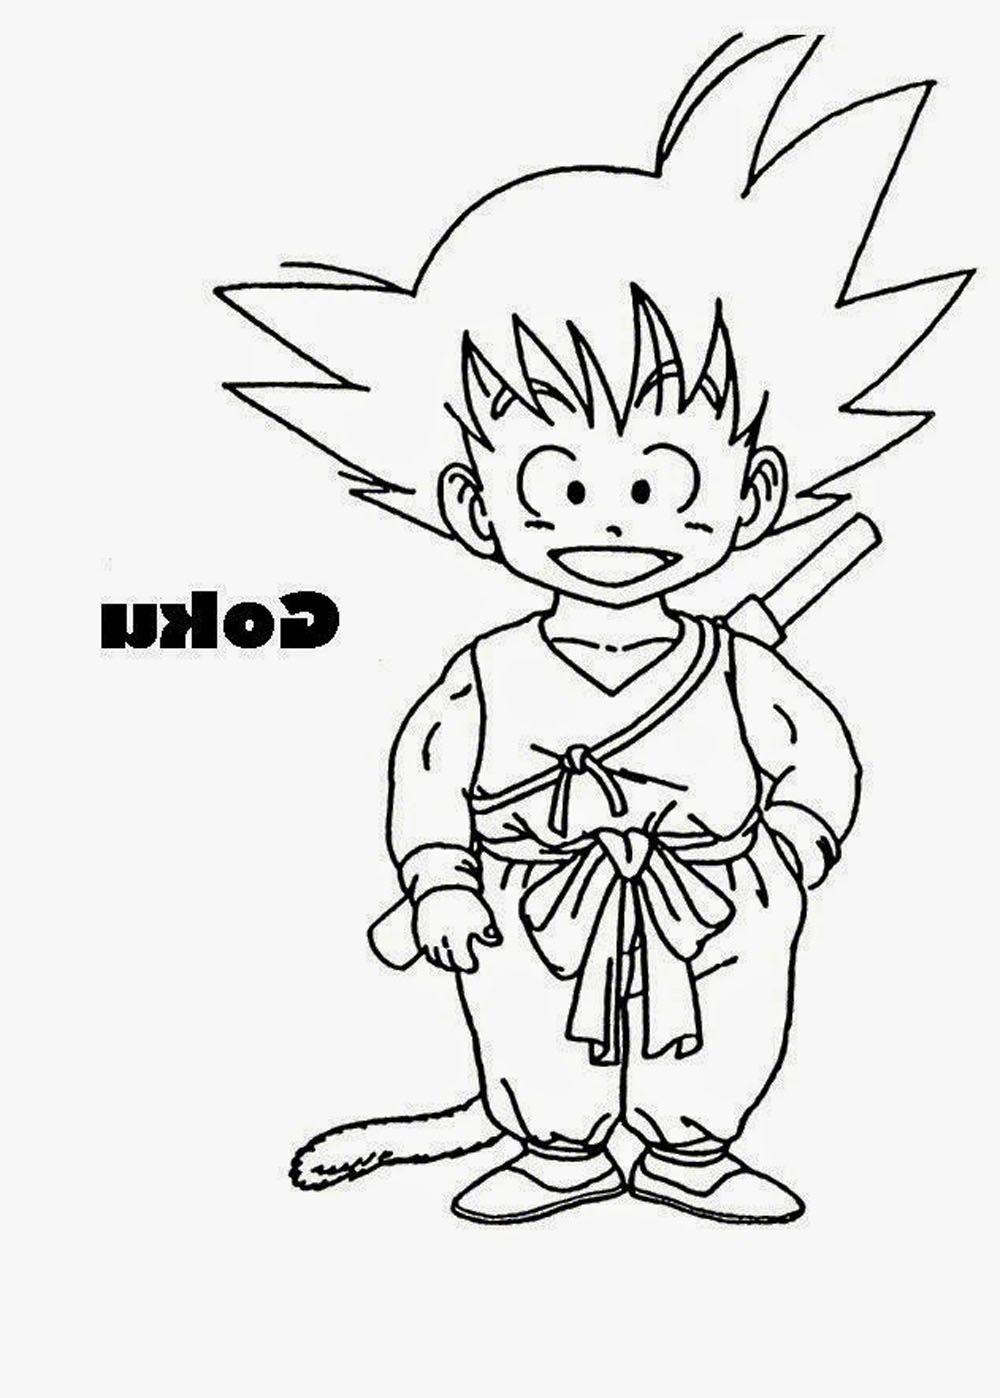 Dibujo de Goku nio con cola para imprimir doibujar y colorear